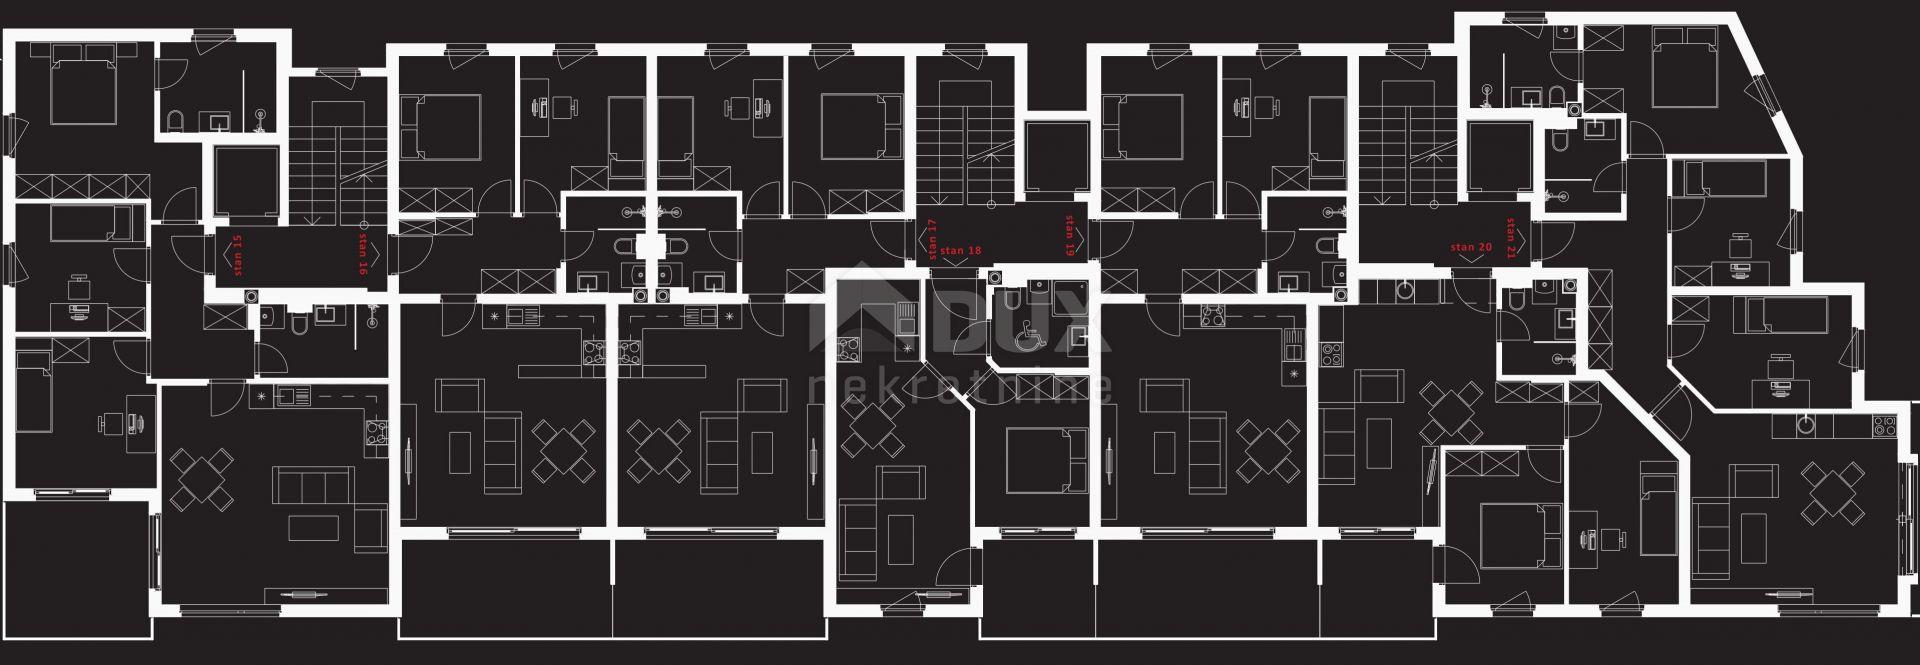 Srdoči 3s+db - 90,88 m2, garaža sa 2 parking mjesta